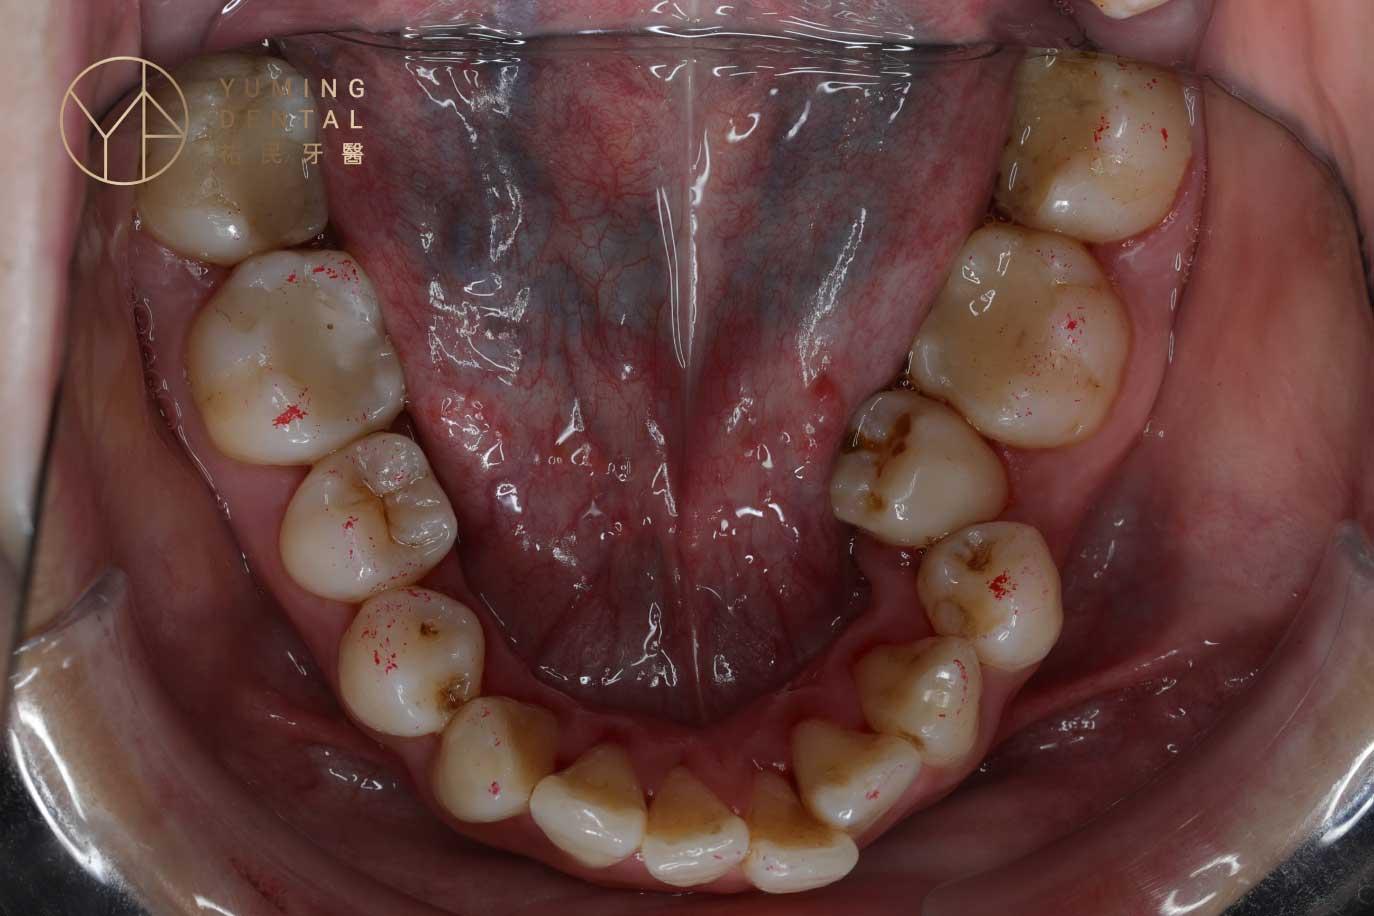 輕微暴牙矯正方式第四種就是解決牙齒的干擾:此案例的第二小臼齒因為傾倒,干擾了其他牙齒的排列。